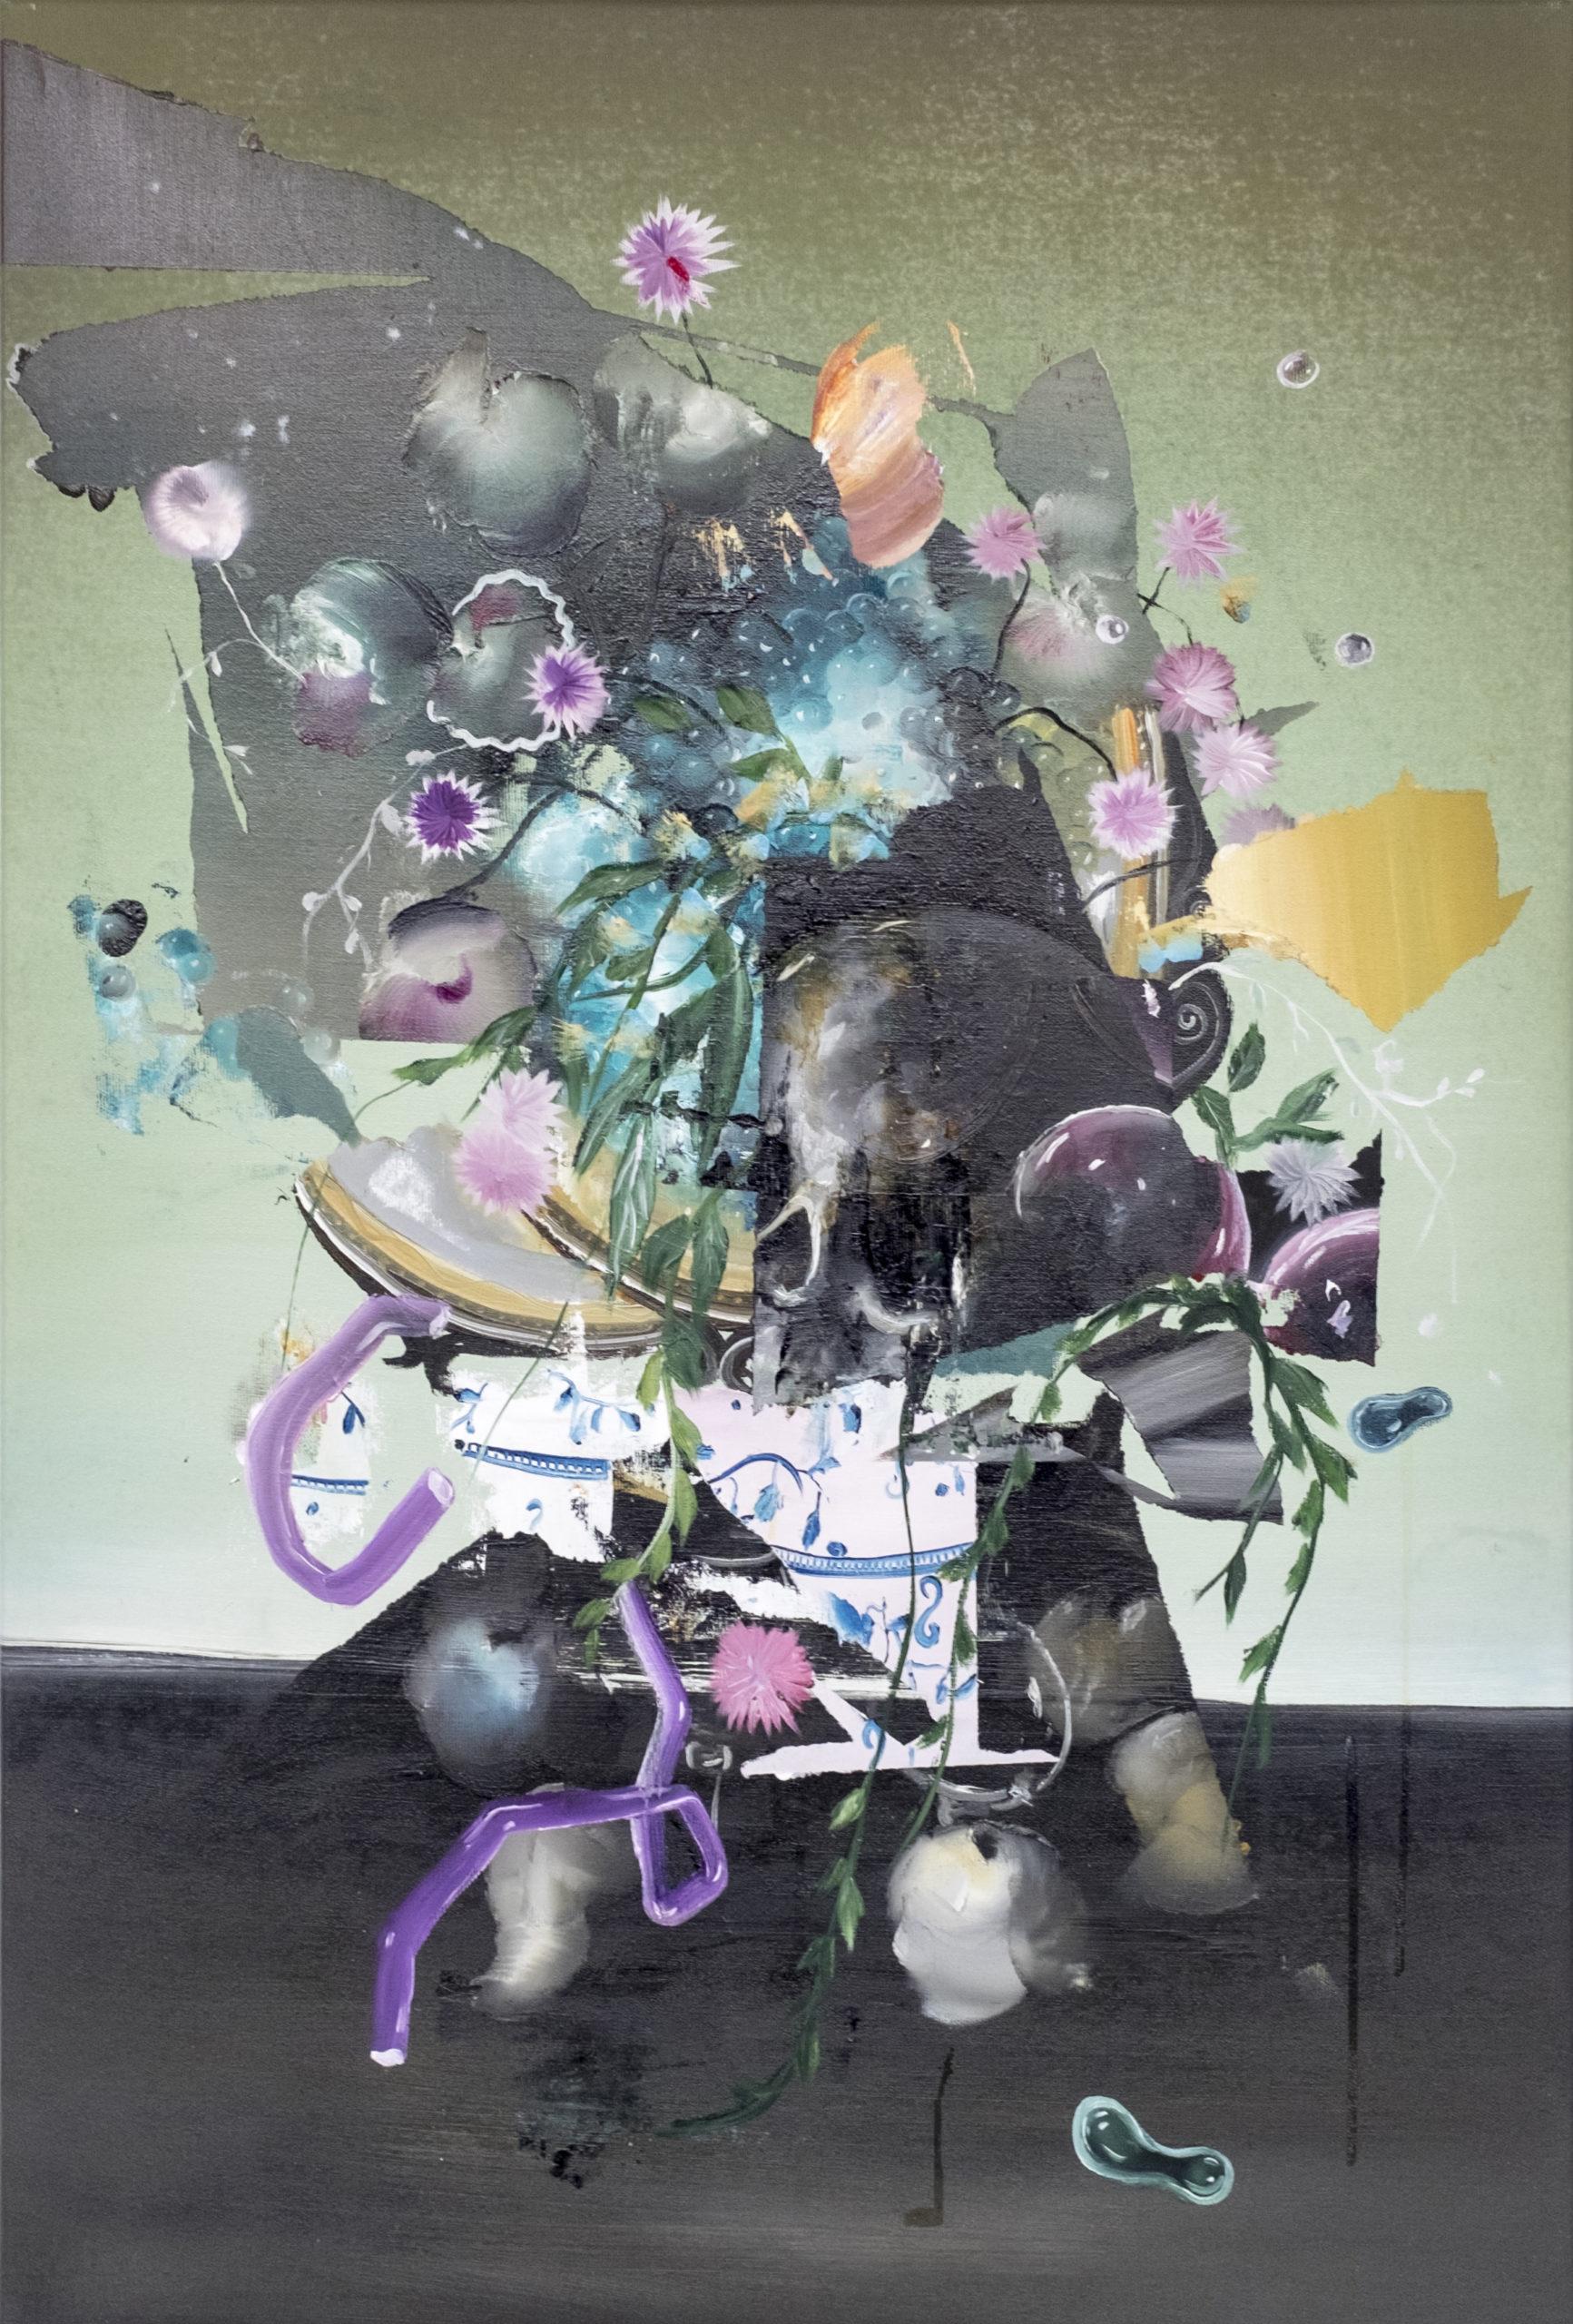 Florian Eymann 020220b | Affenfaust Galerie